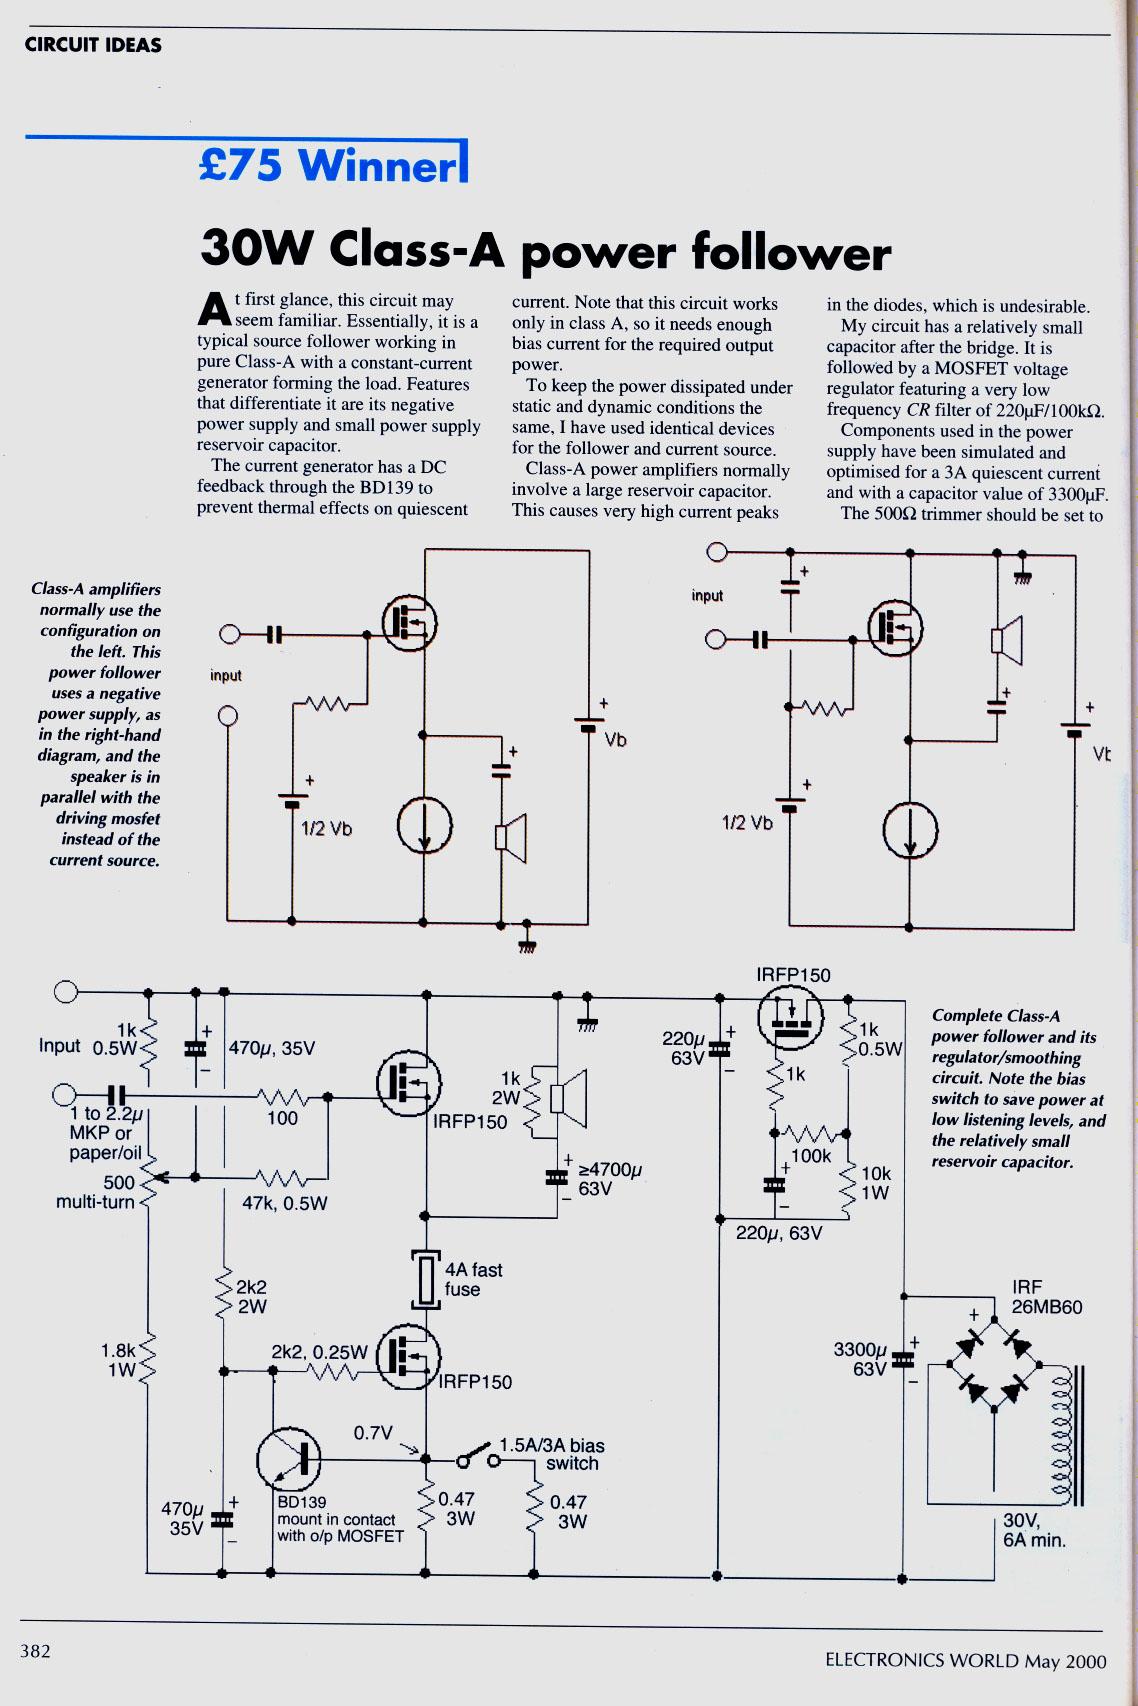 class a power amplifiers